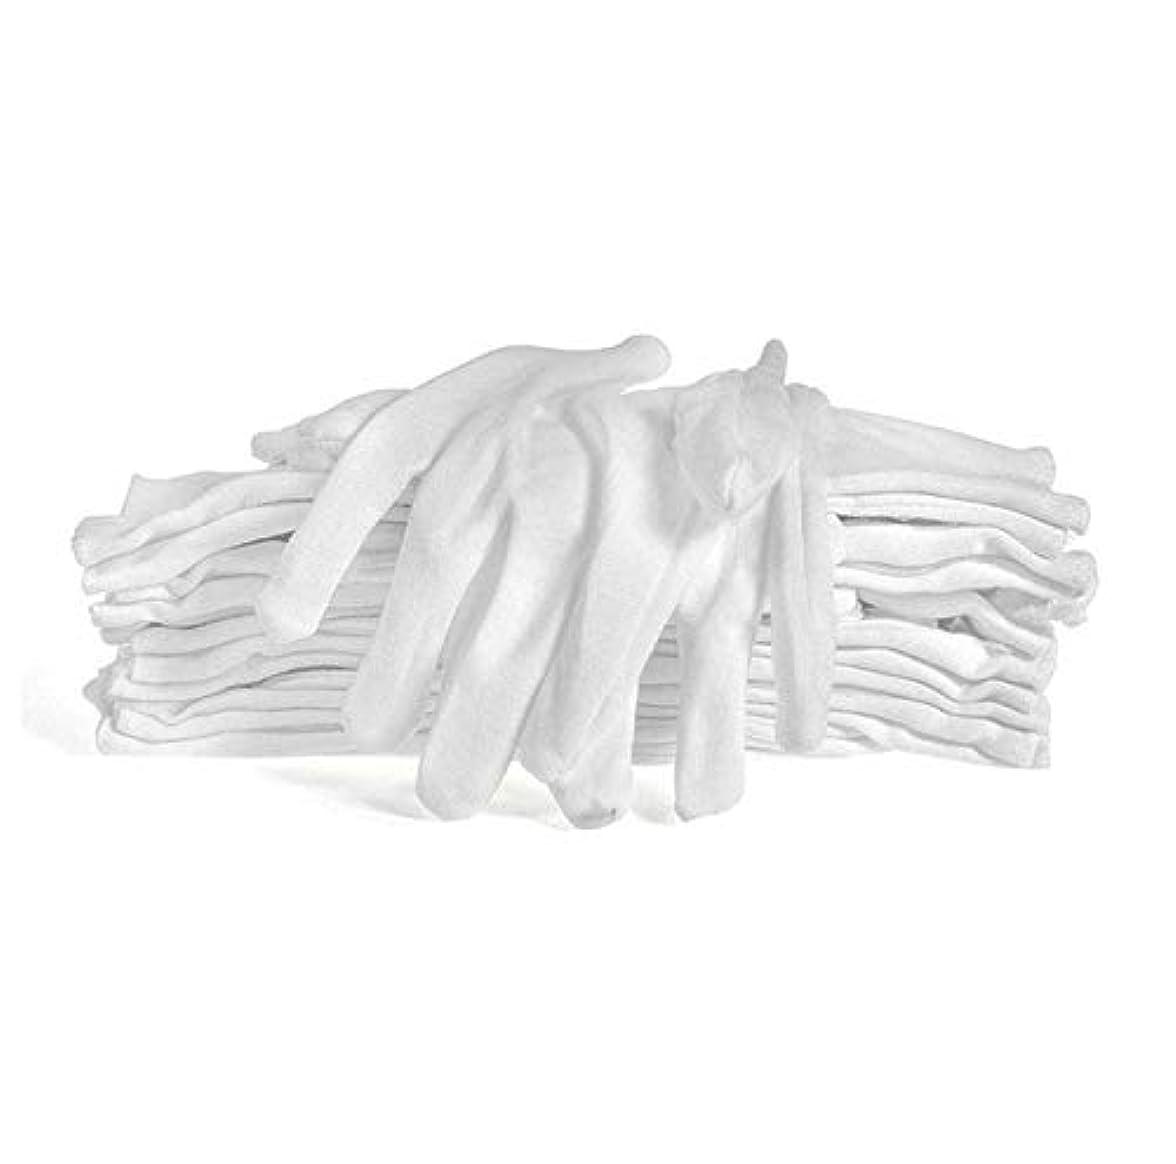 事務所ドラゴンスクラップ12双組 コットン手袋 綿手袋 使い捨て 白手袋 薄手 お休み 湿疹手荒れ 純綿 礼装用 メンズ 手袋 乾燥肌 保湿 レディース白